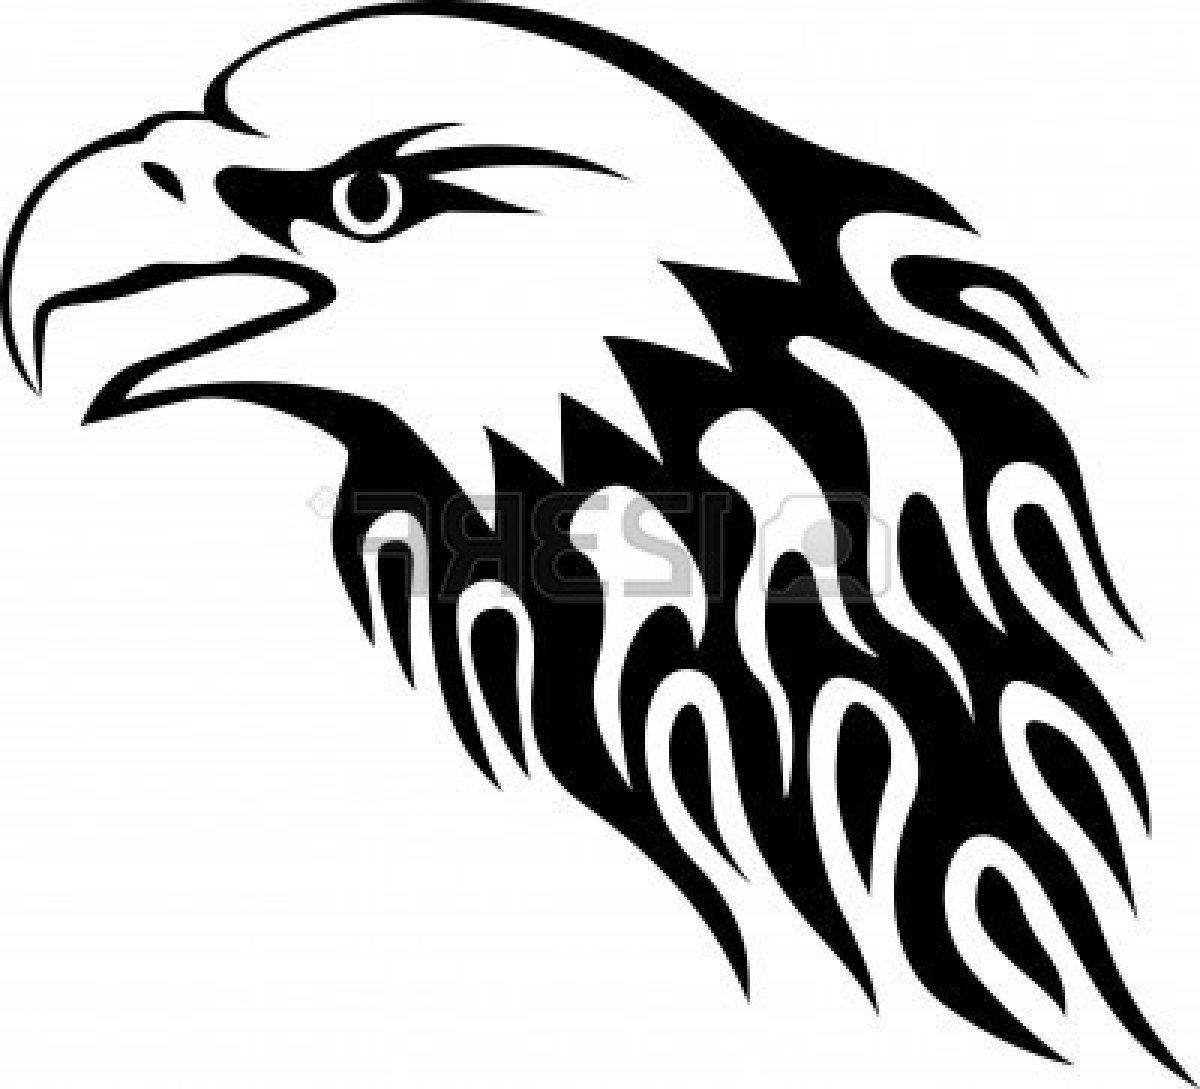 1200x1089 Hd American Eagle Clip Art Black And White Head Design